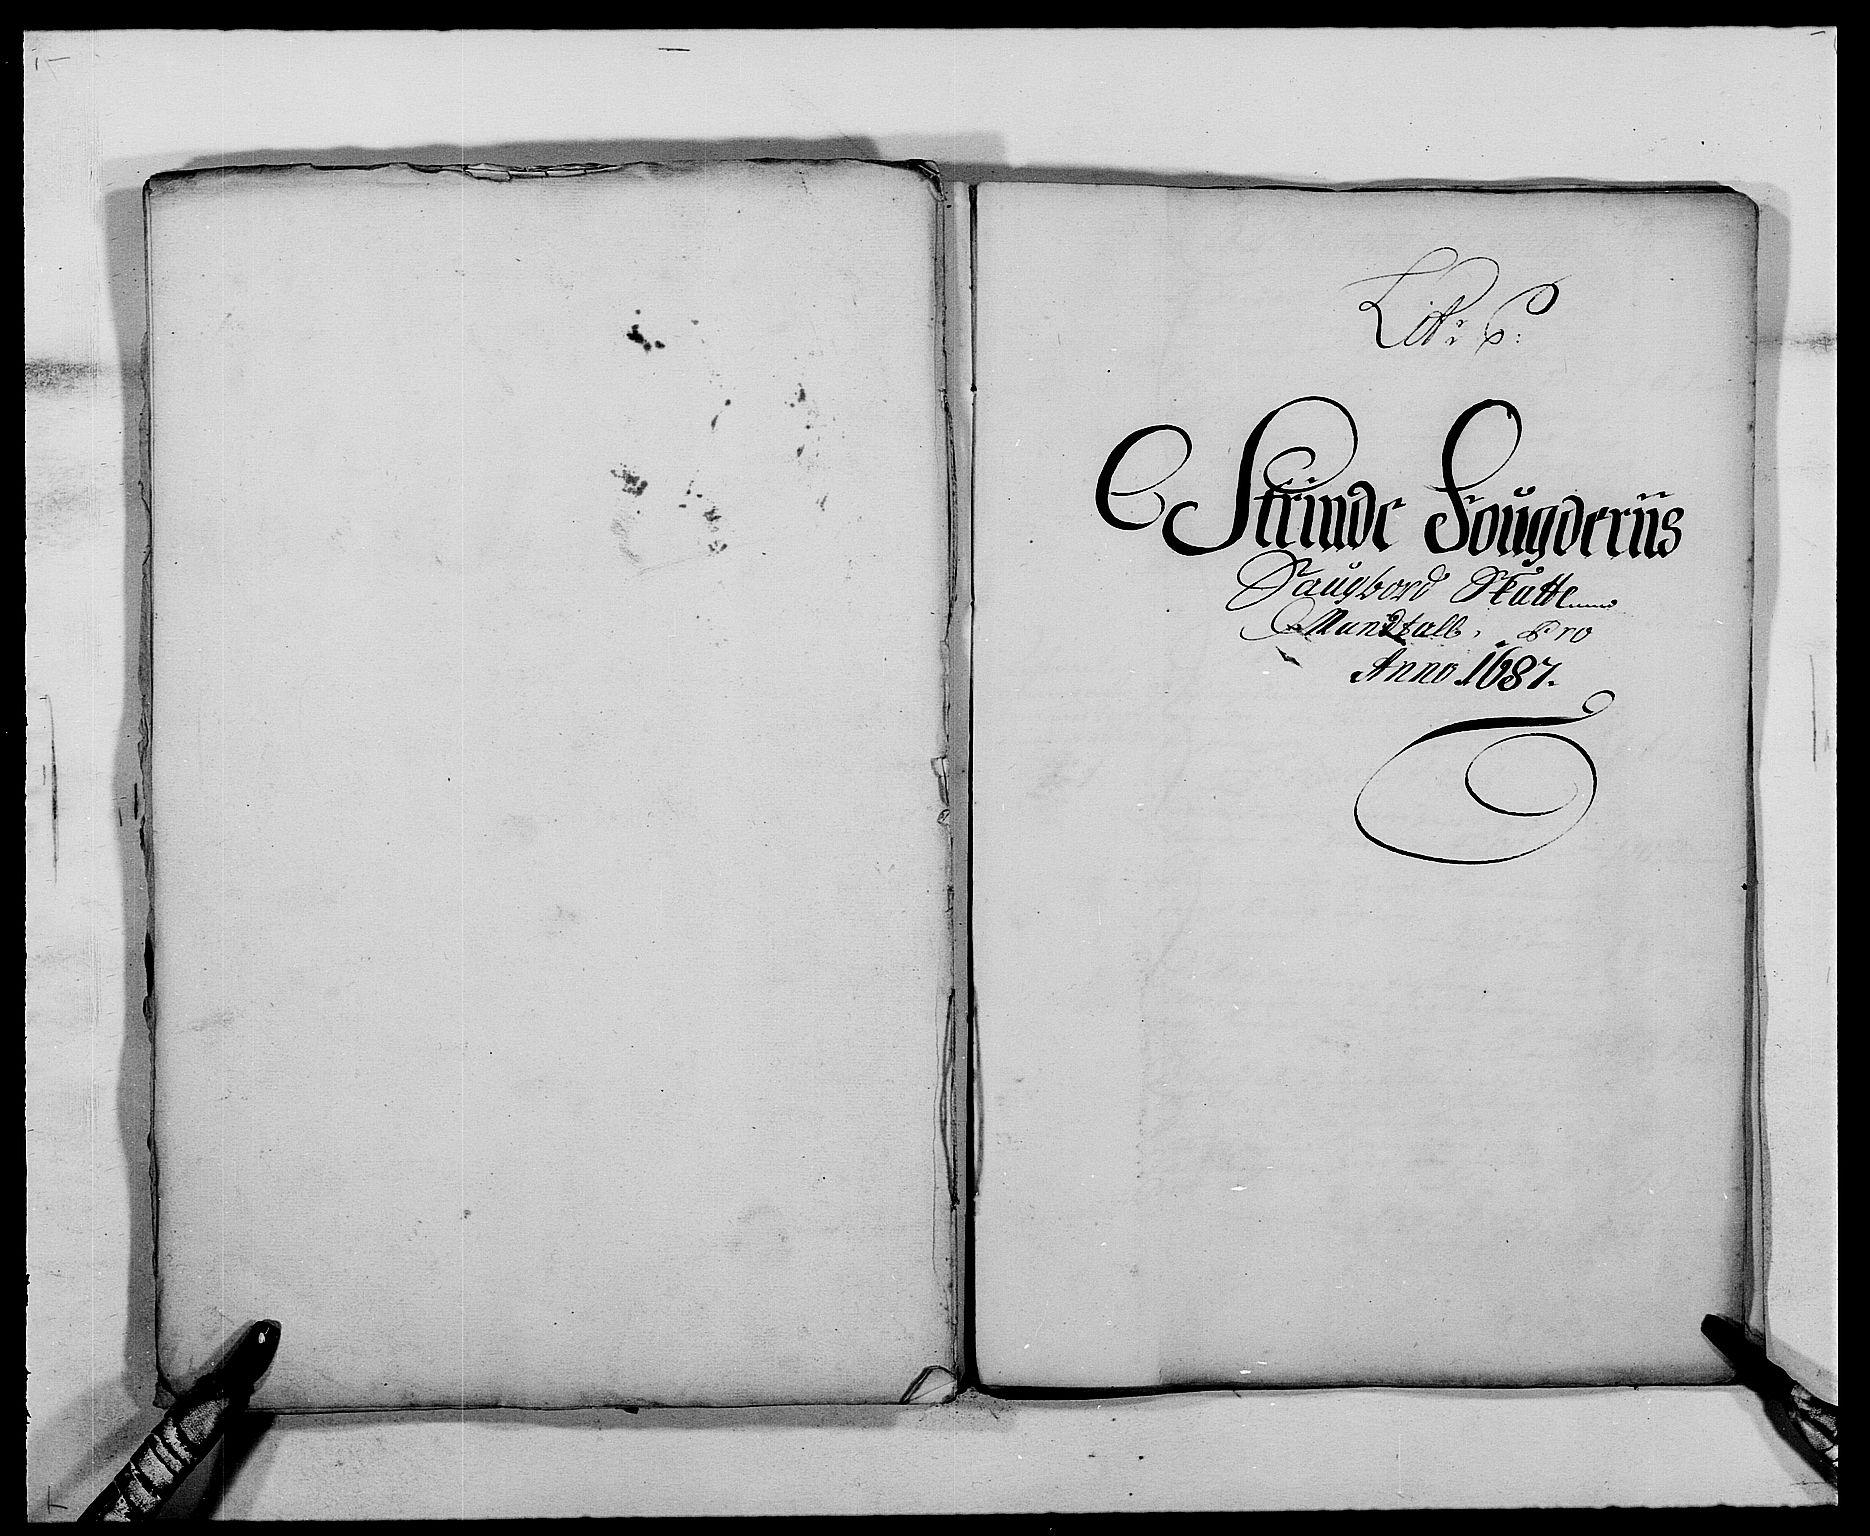 RA, Rentekammeret inntil 1814, Reviderte regnskaper, Fogderegnskap, R61/L4101: Fogderegnskap Strinda og Selbu, 1687-1688, s. 48